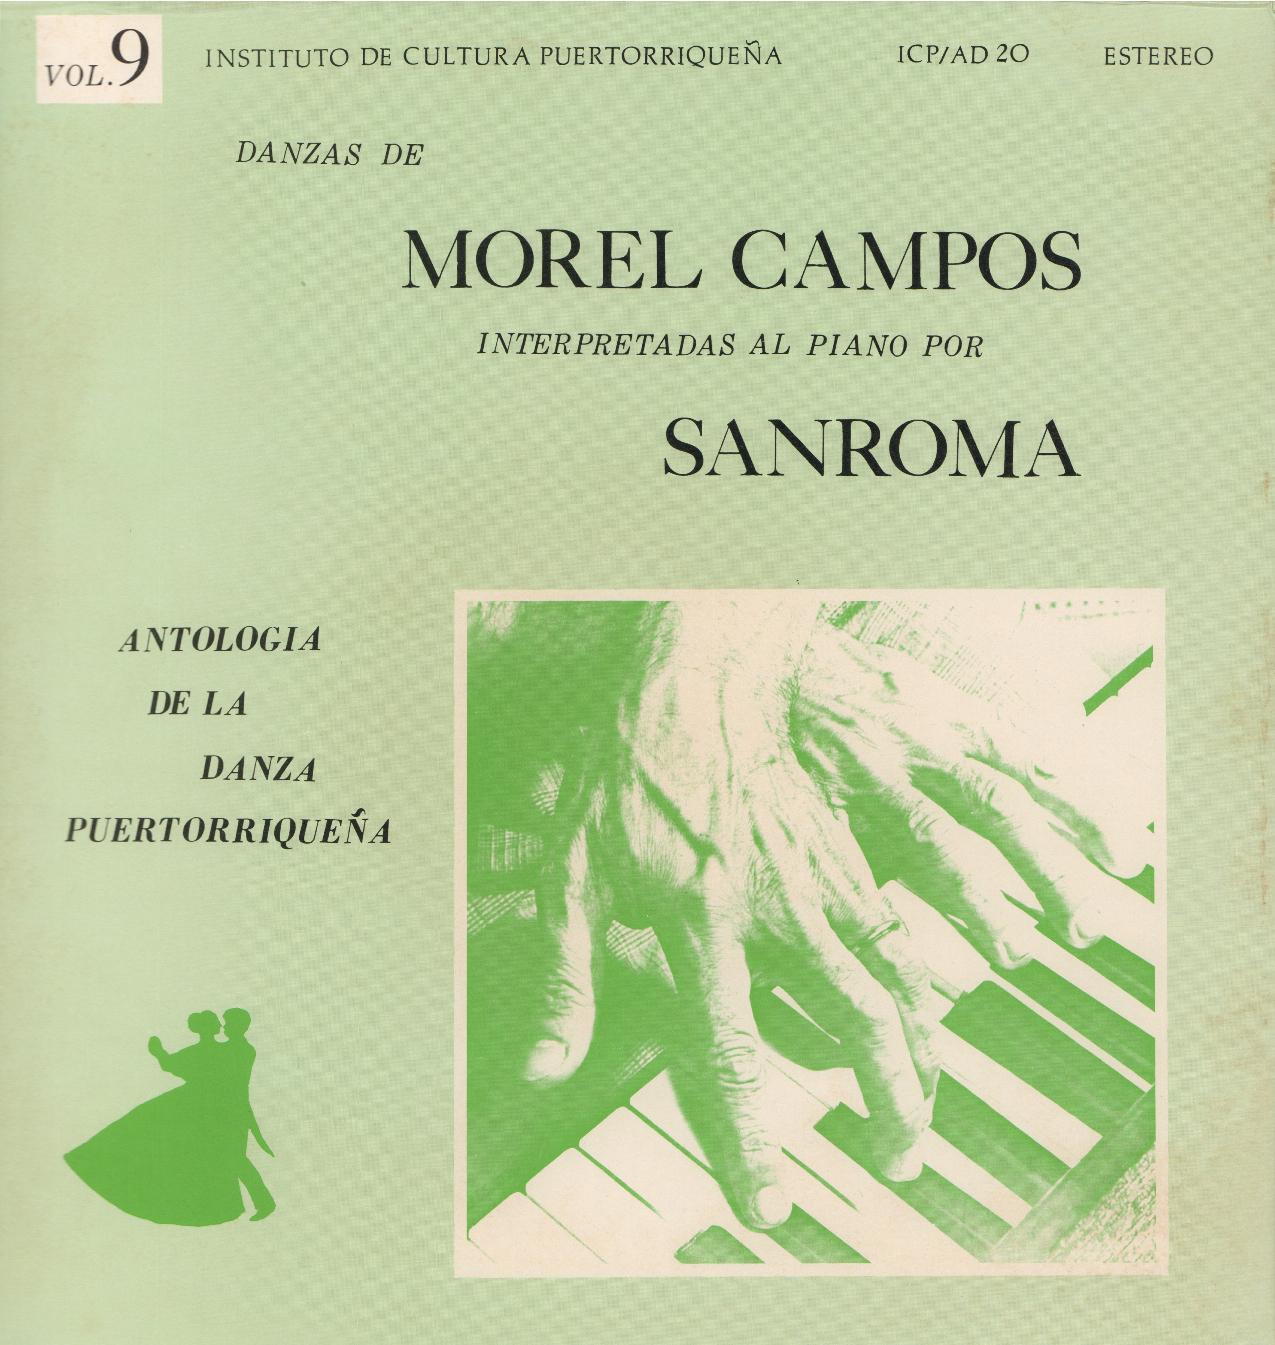 Danzas de Morel Campos Vol. 9